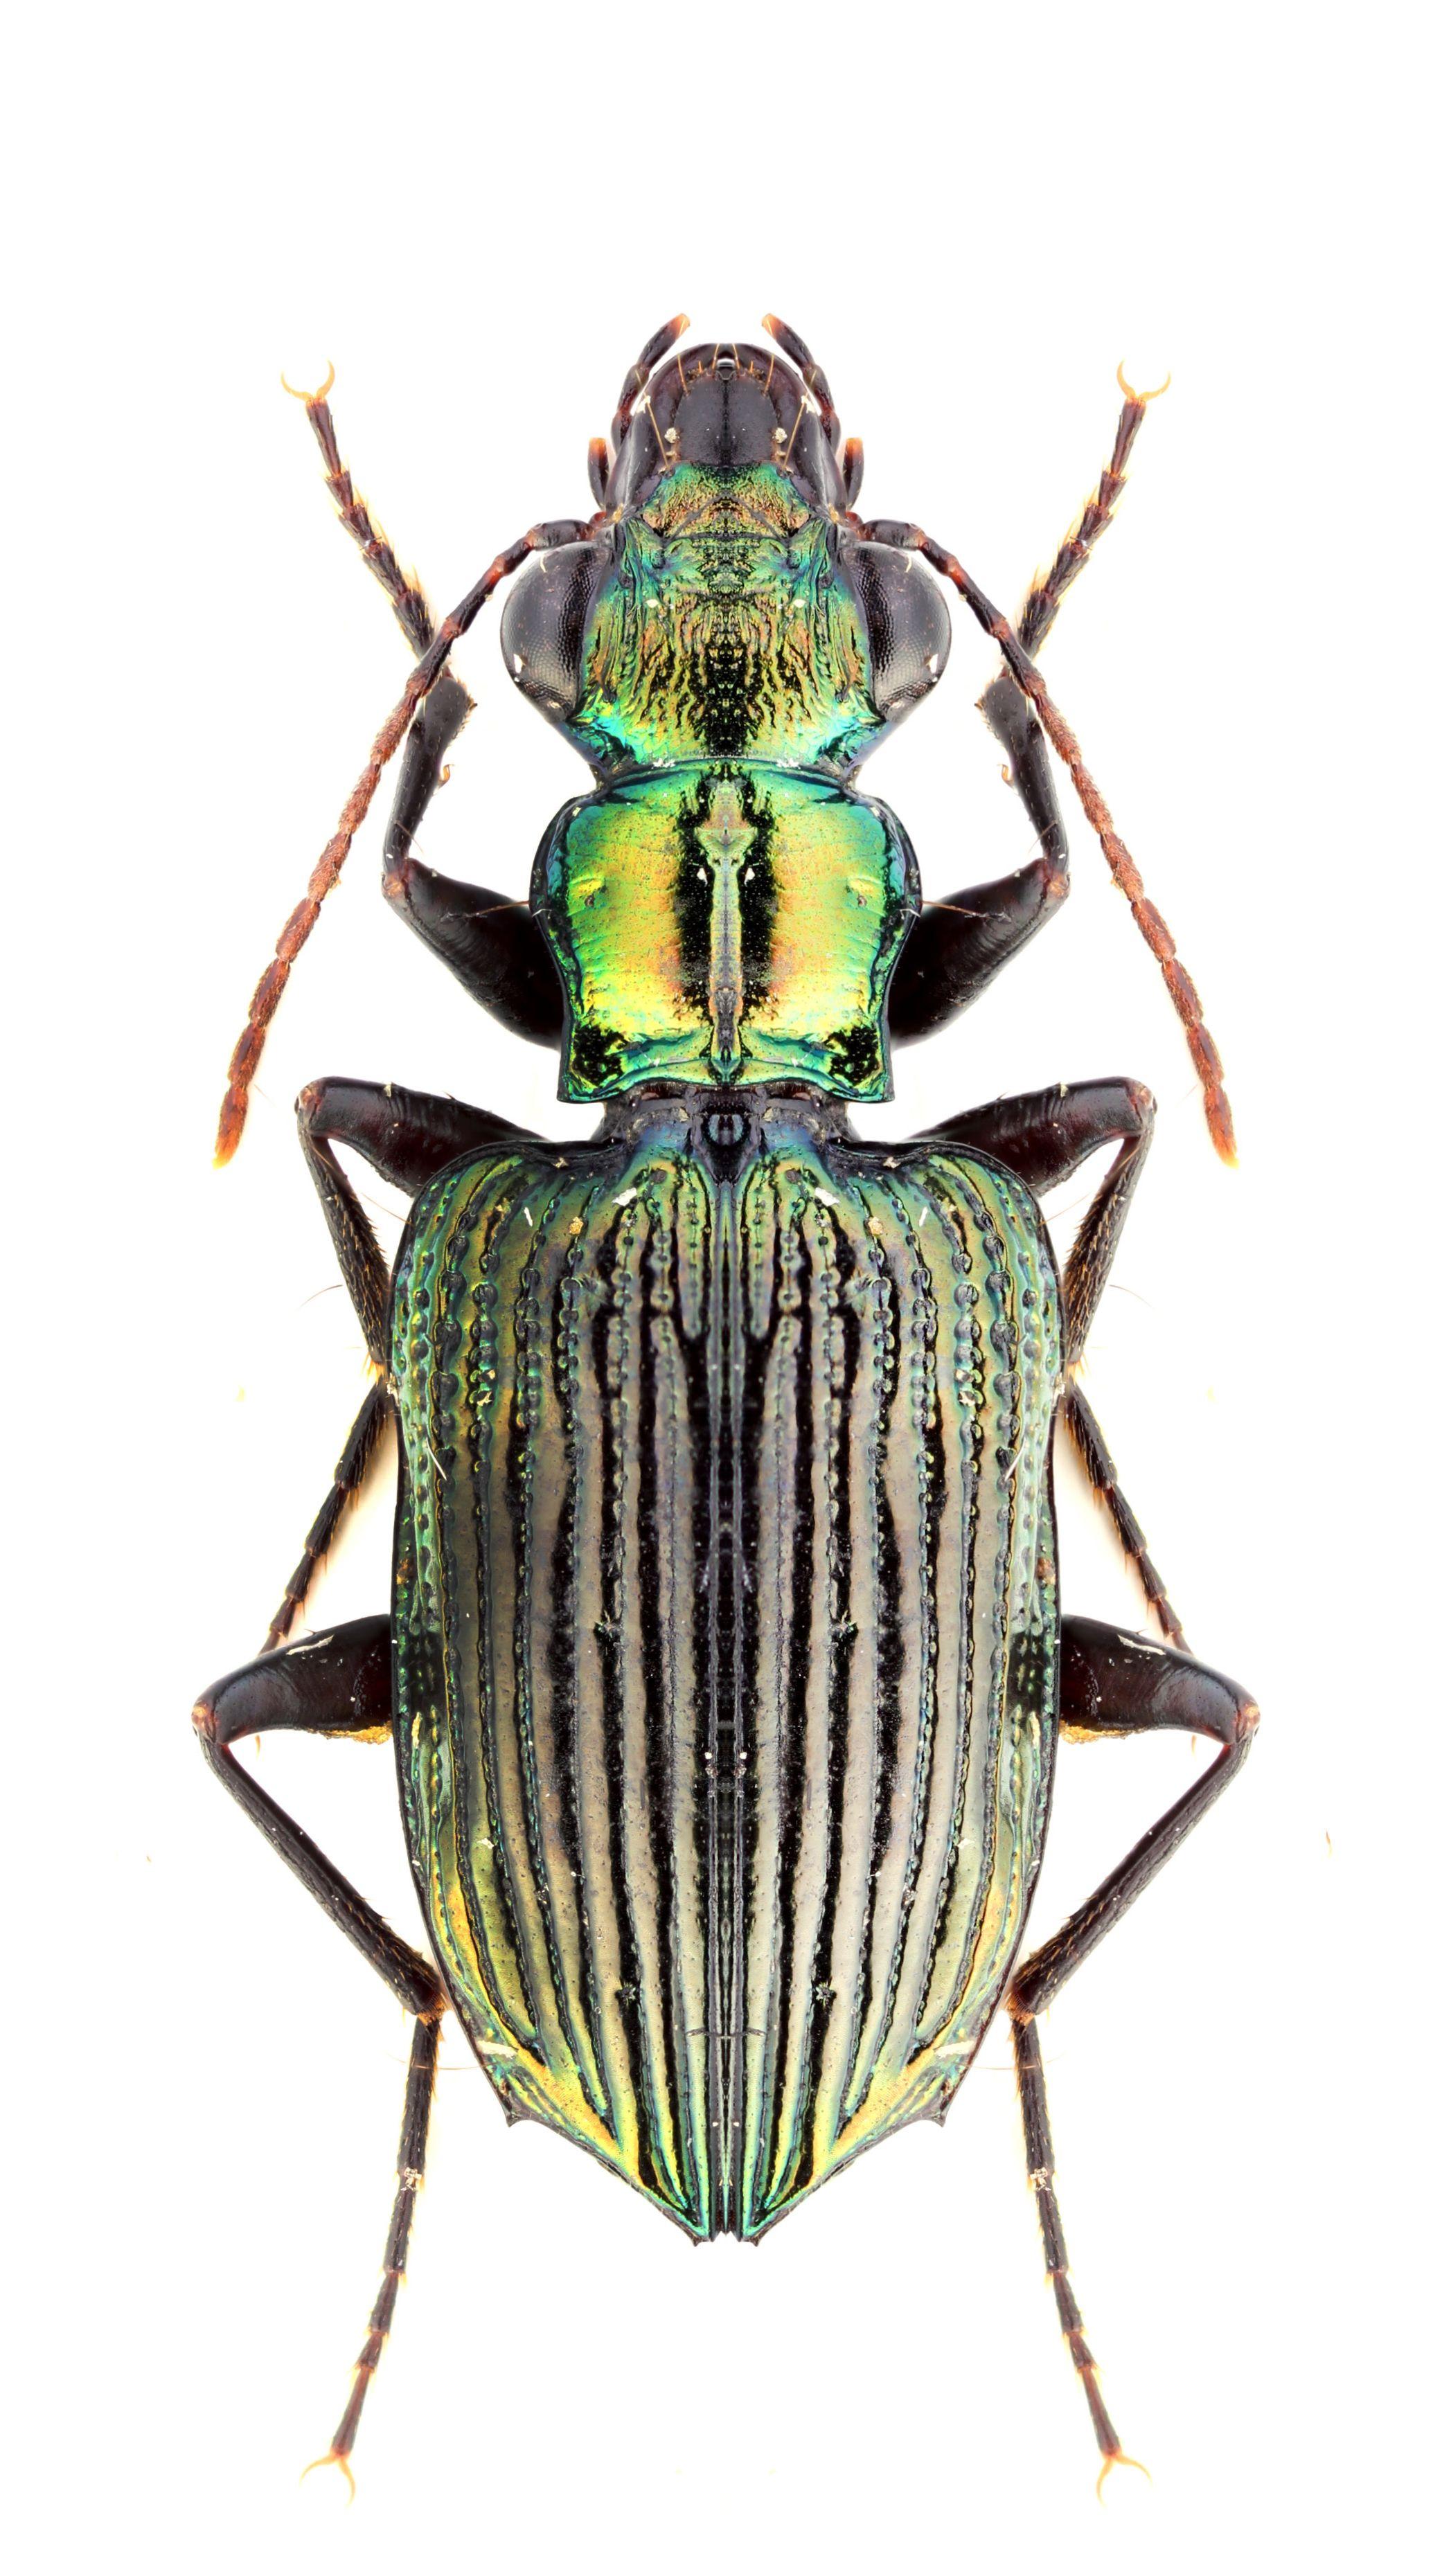 Catascopus punctipennis (Saunfers, 1863) F Carabidae